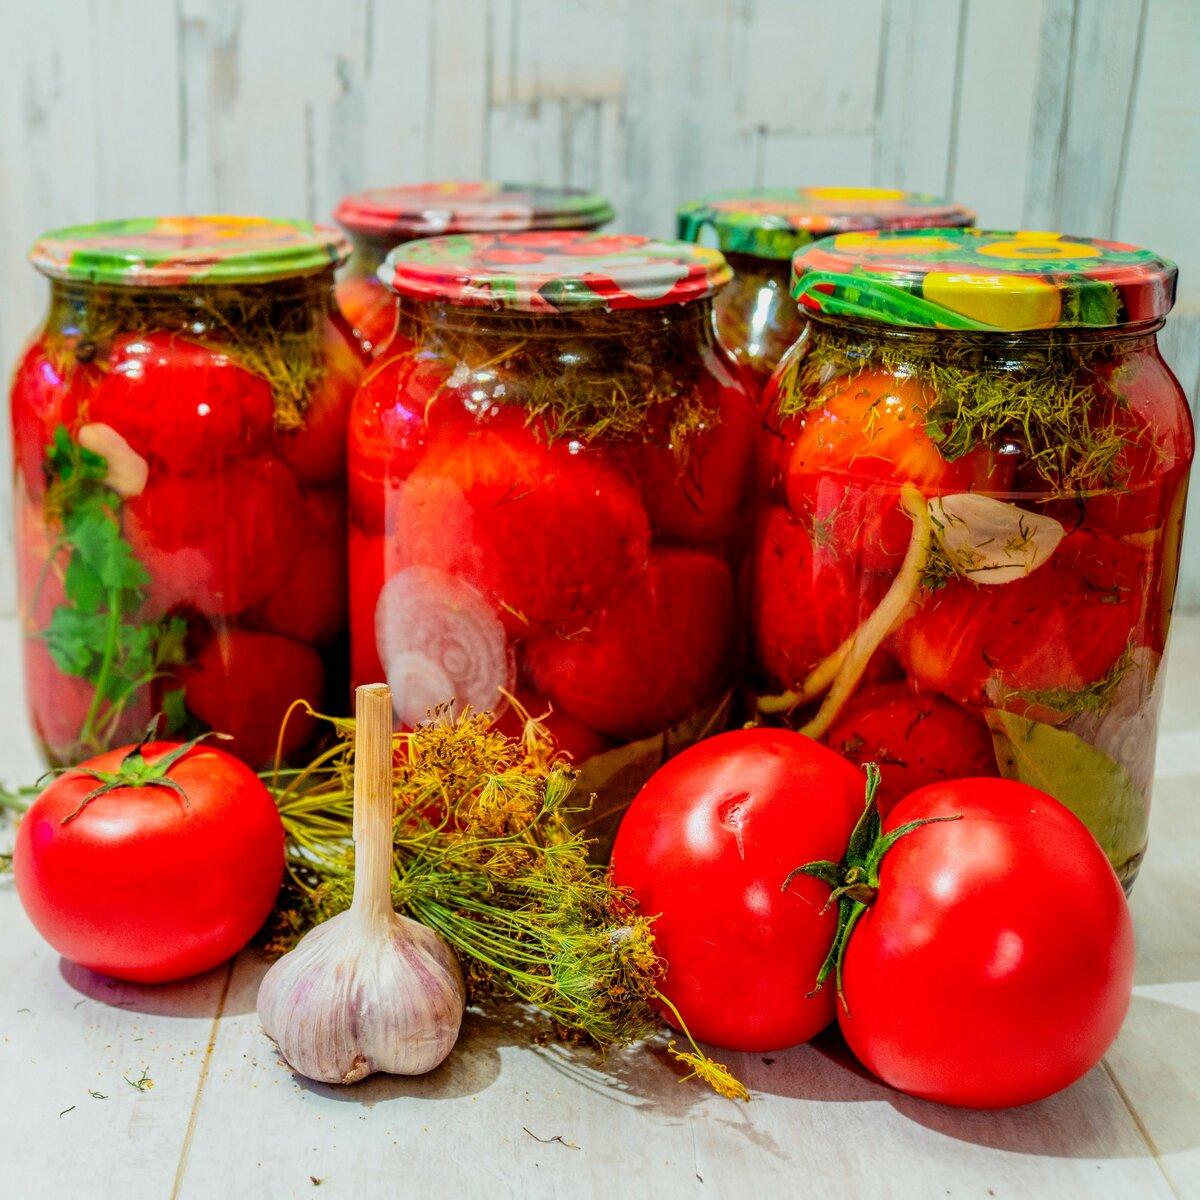 Рецепты заготовок из маринованной редьки со стерилизацией и без на зиму, как хранить салат